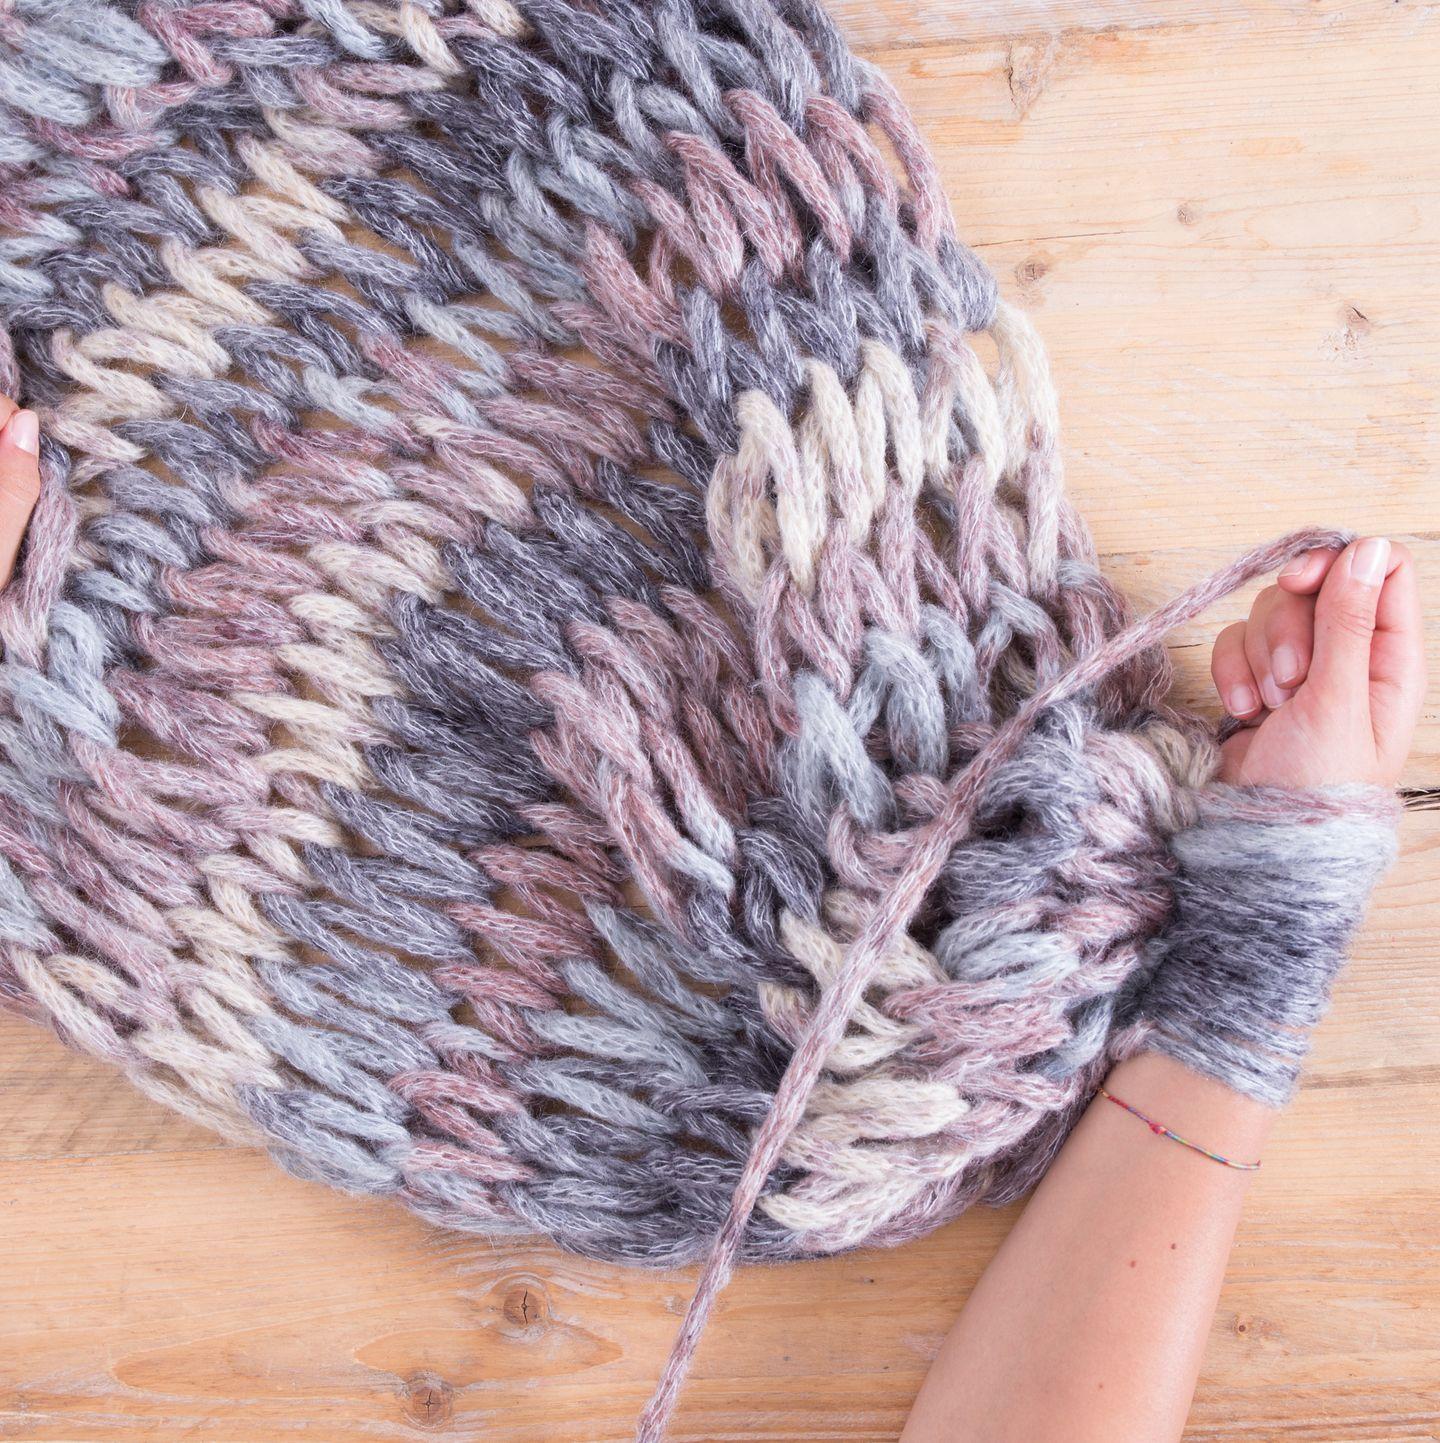 Nun wiederholst du diesen Vorgang immer wieder, bis die Decke die gewünschte Länge erreicht hat.